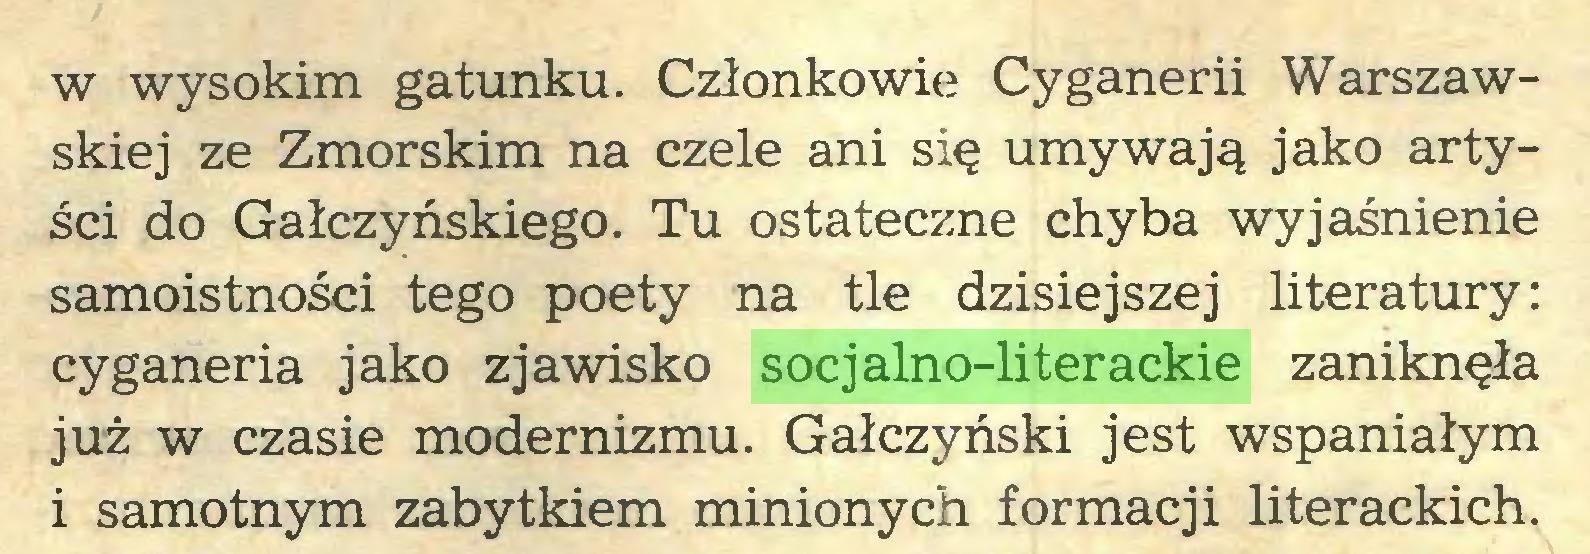 (...) w wysokim gatunku. Członkowie Cyganerii Warszawskiej ze Zmorskim na czele ani się umywają jako artyści do Gałczyńskiego. Tu ostateczne chyba wyjaśnienie samoistności tego poety na tle dzisiejszej literatury: cyganeria jako zjawisko socjalno-literackie zaniknęła już w czasie modernizmu. Gałczyński jest wspaniałym i samotnym zabytkiem minionych formacji literackich...